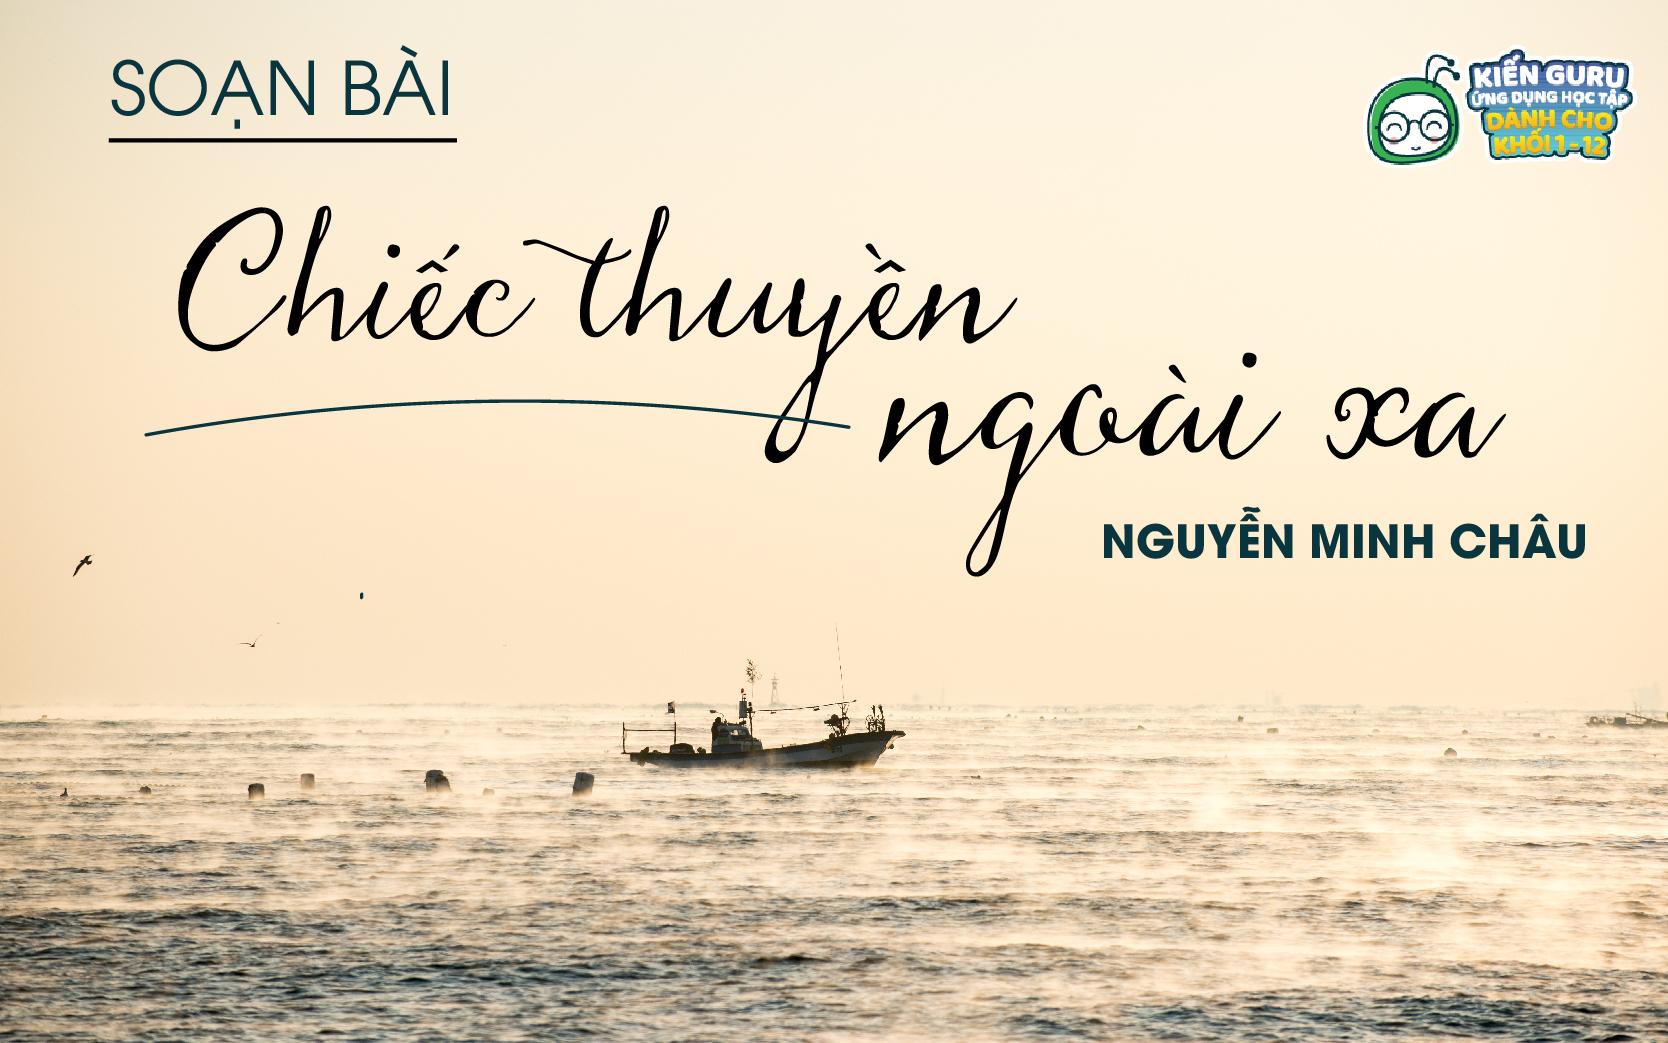 soan-bai-chiec-thuyen-ngoai-xa